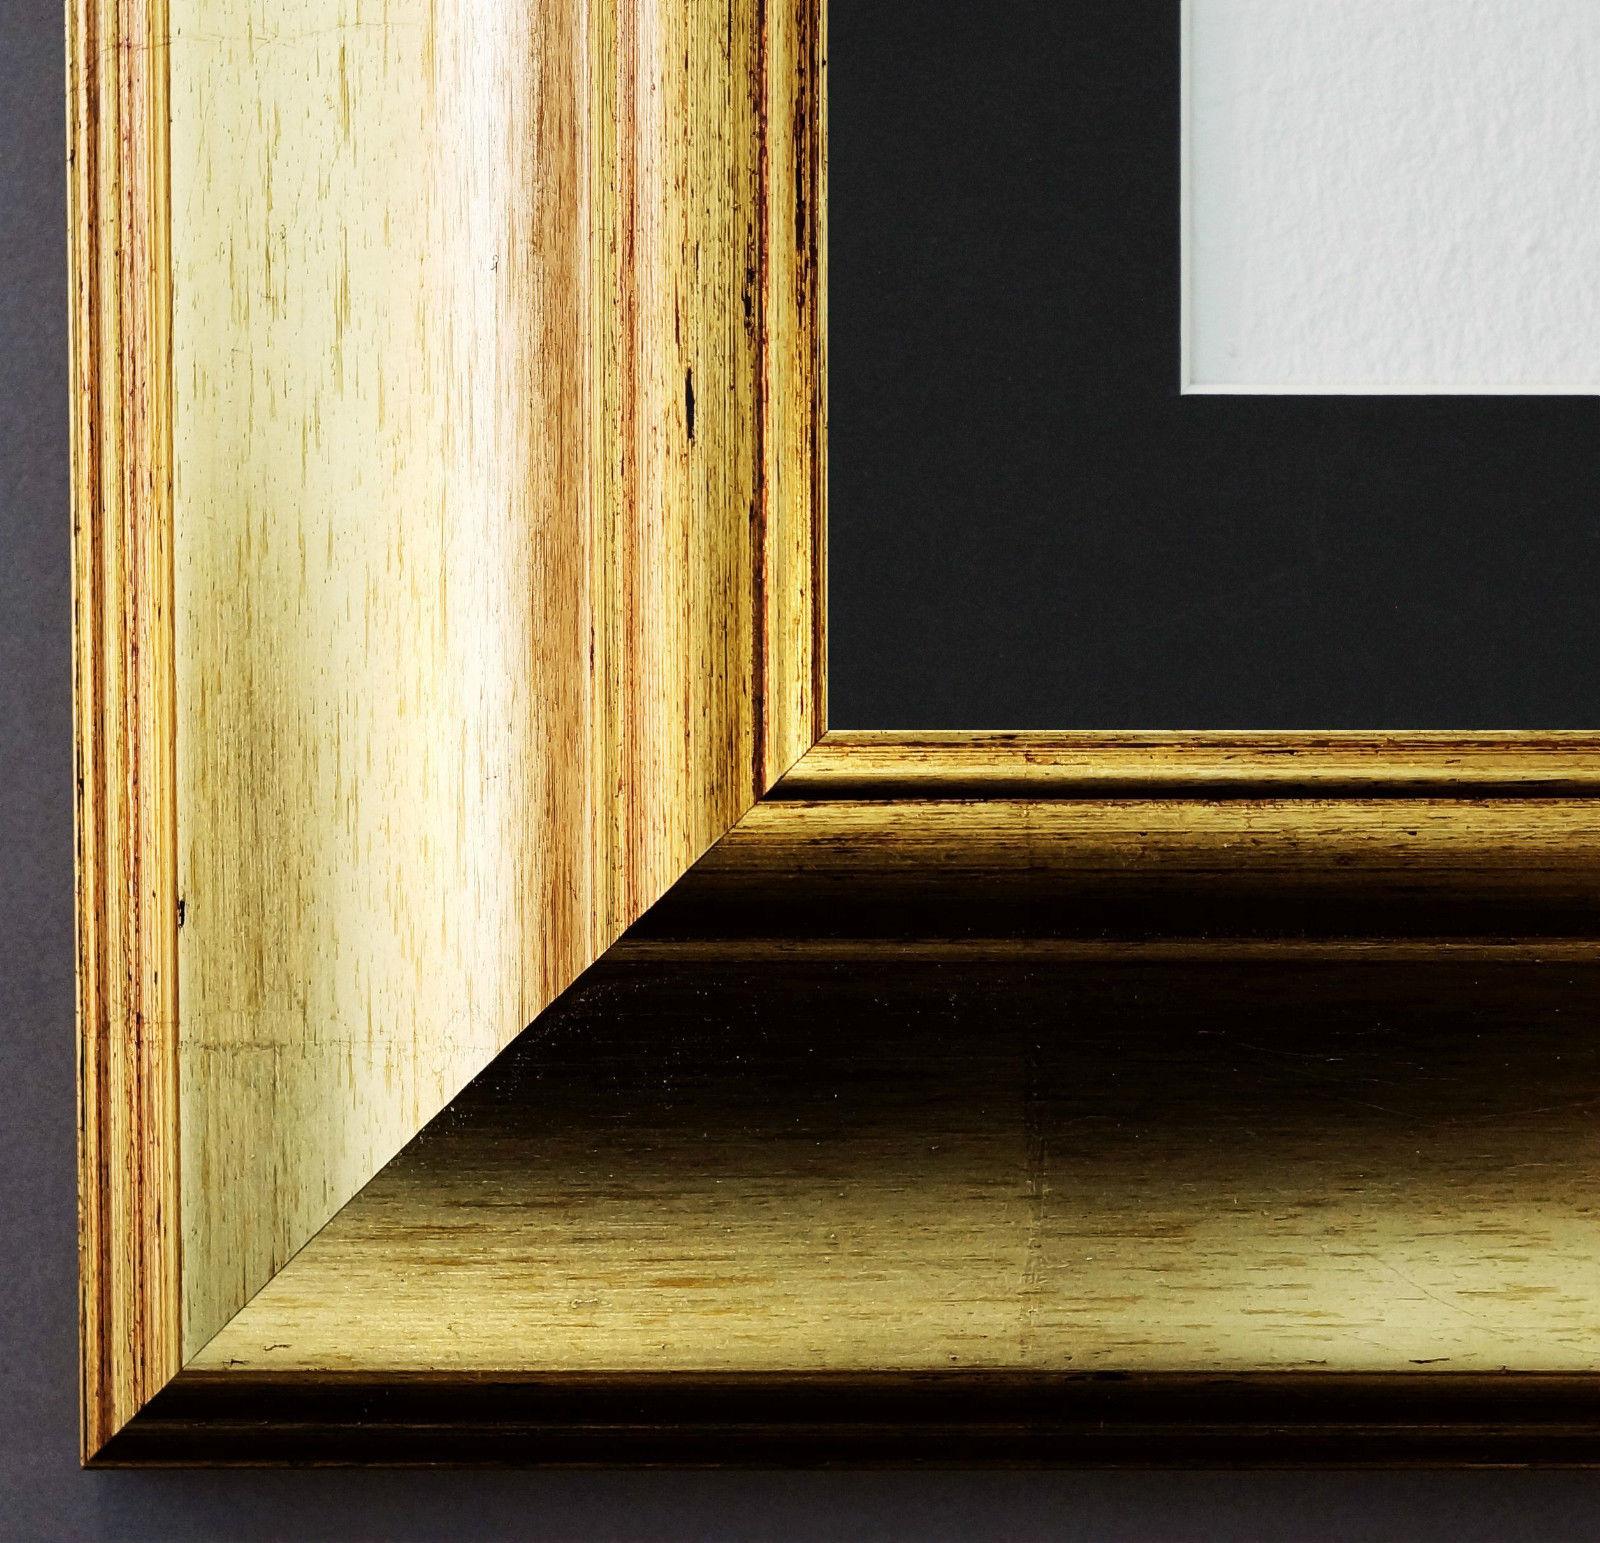 bilderrahmen acta in gold mit passepartout in schwarz 6 7 top qualit t kaufen bei hans. Black Bedroom Furniture Sets. Home Design Ideas